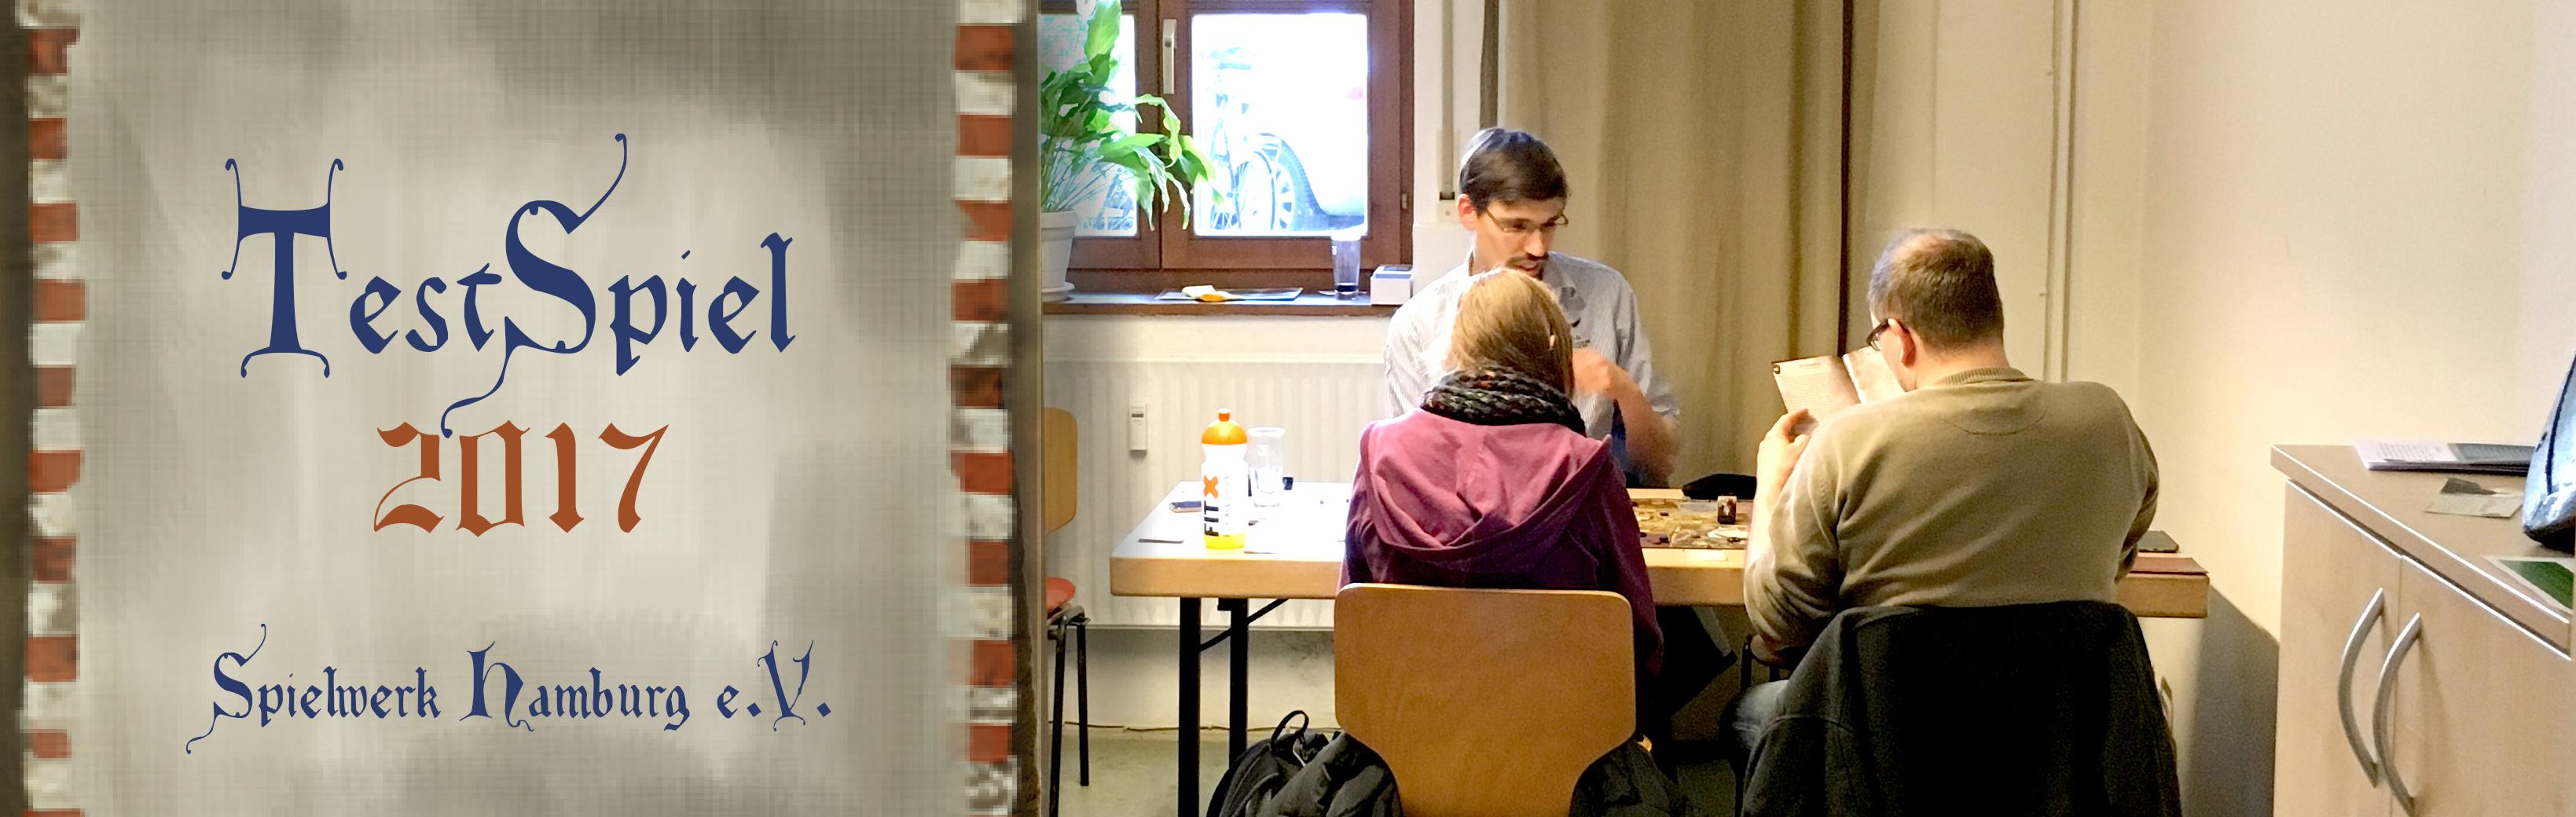 Es geht wieder weiter – TestSpiel Hamburg 2017